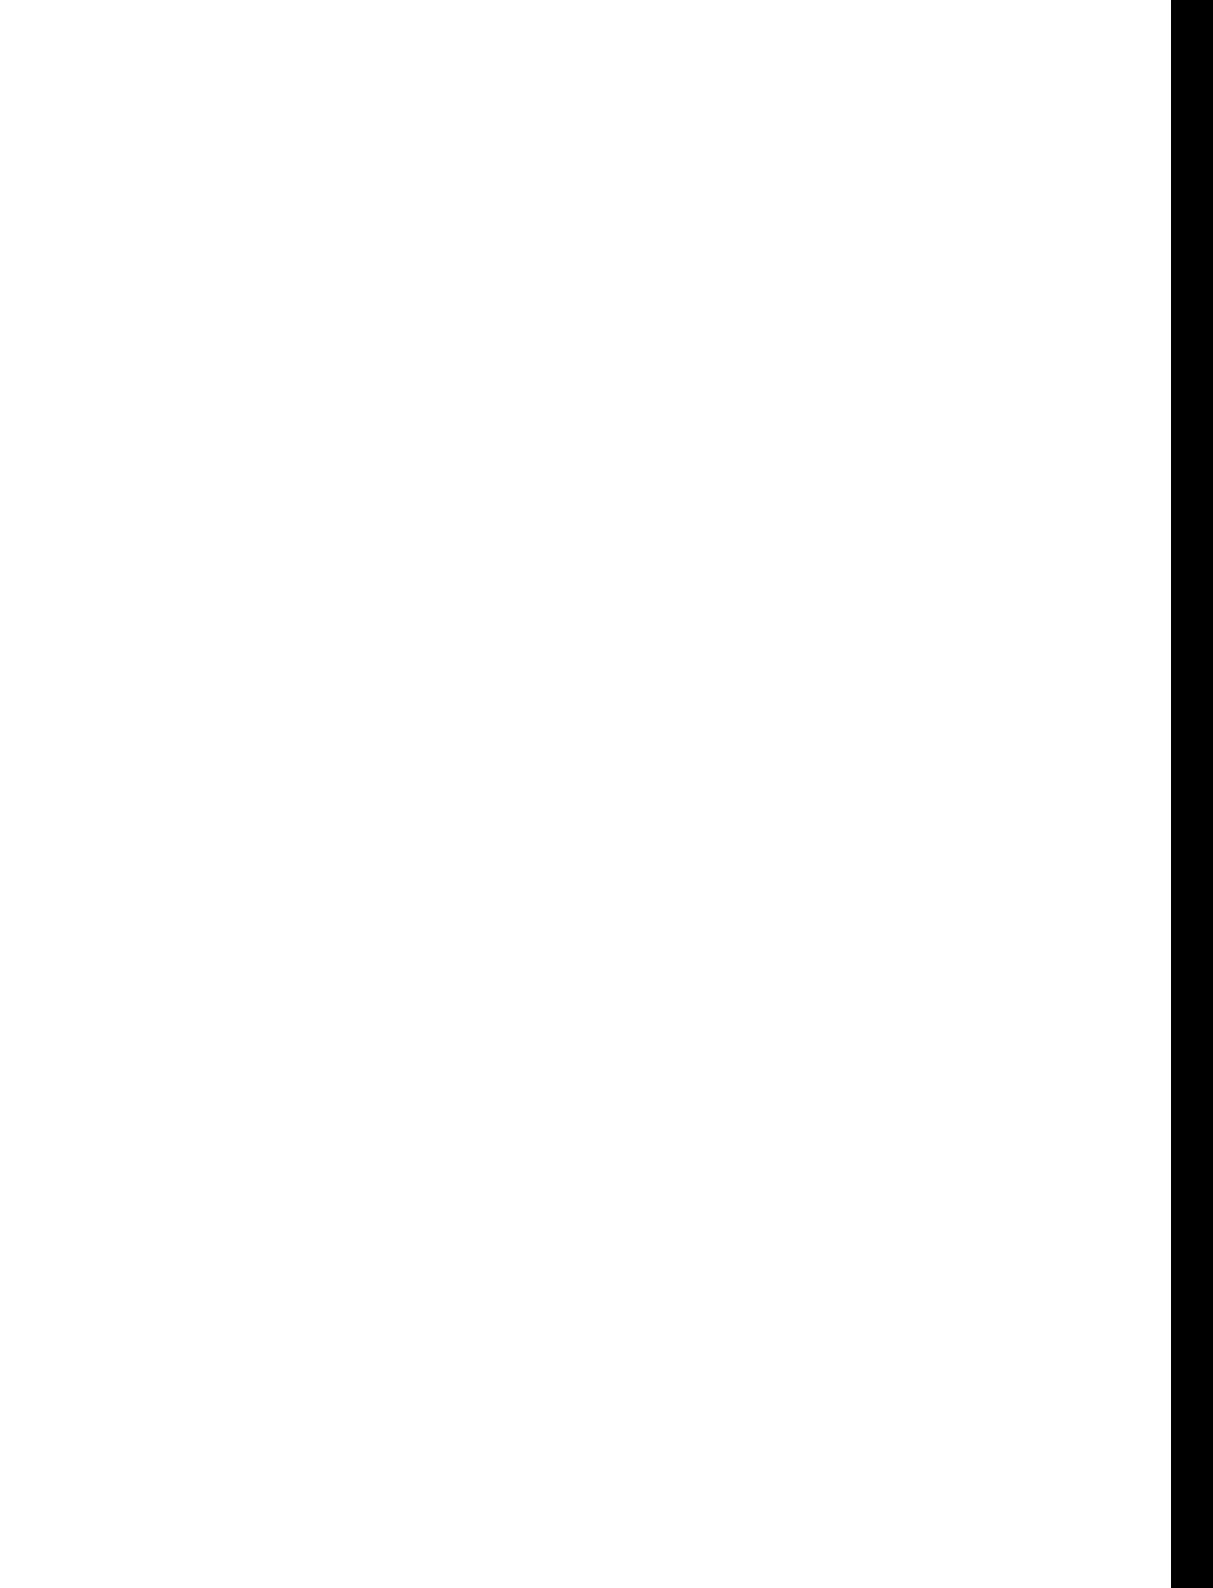 Bkc1_White_white.png